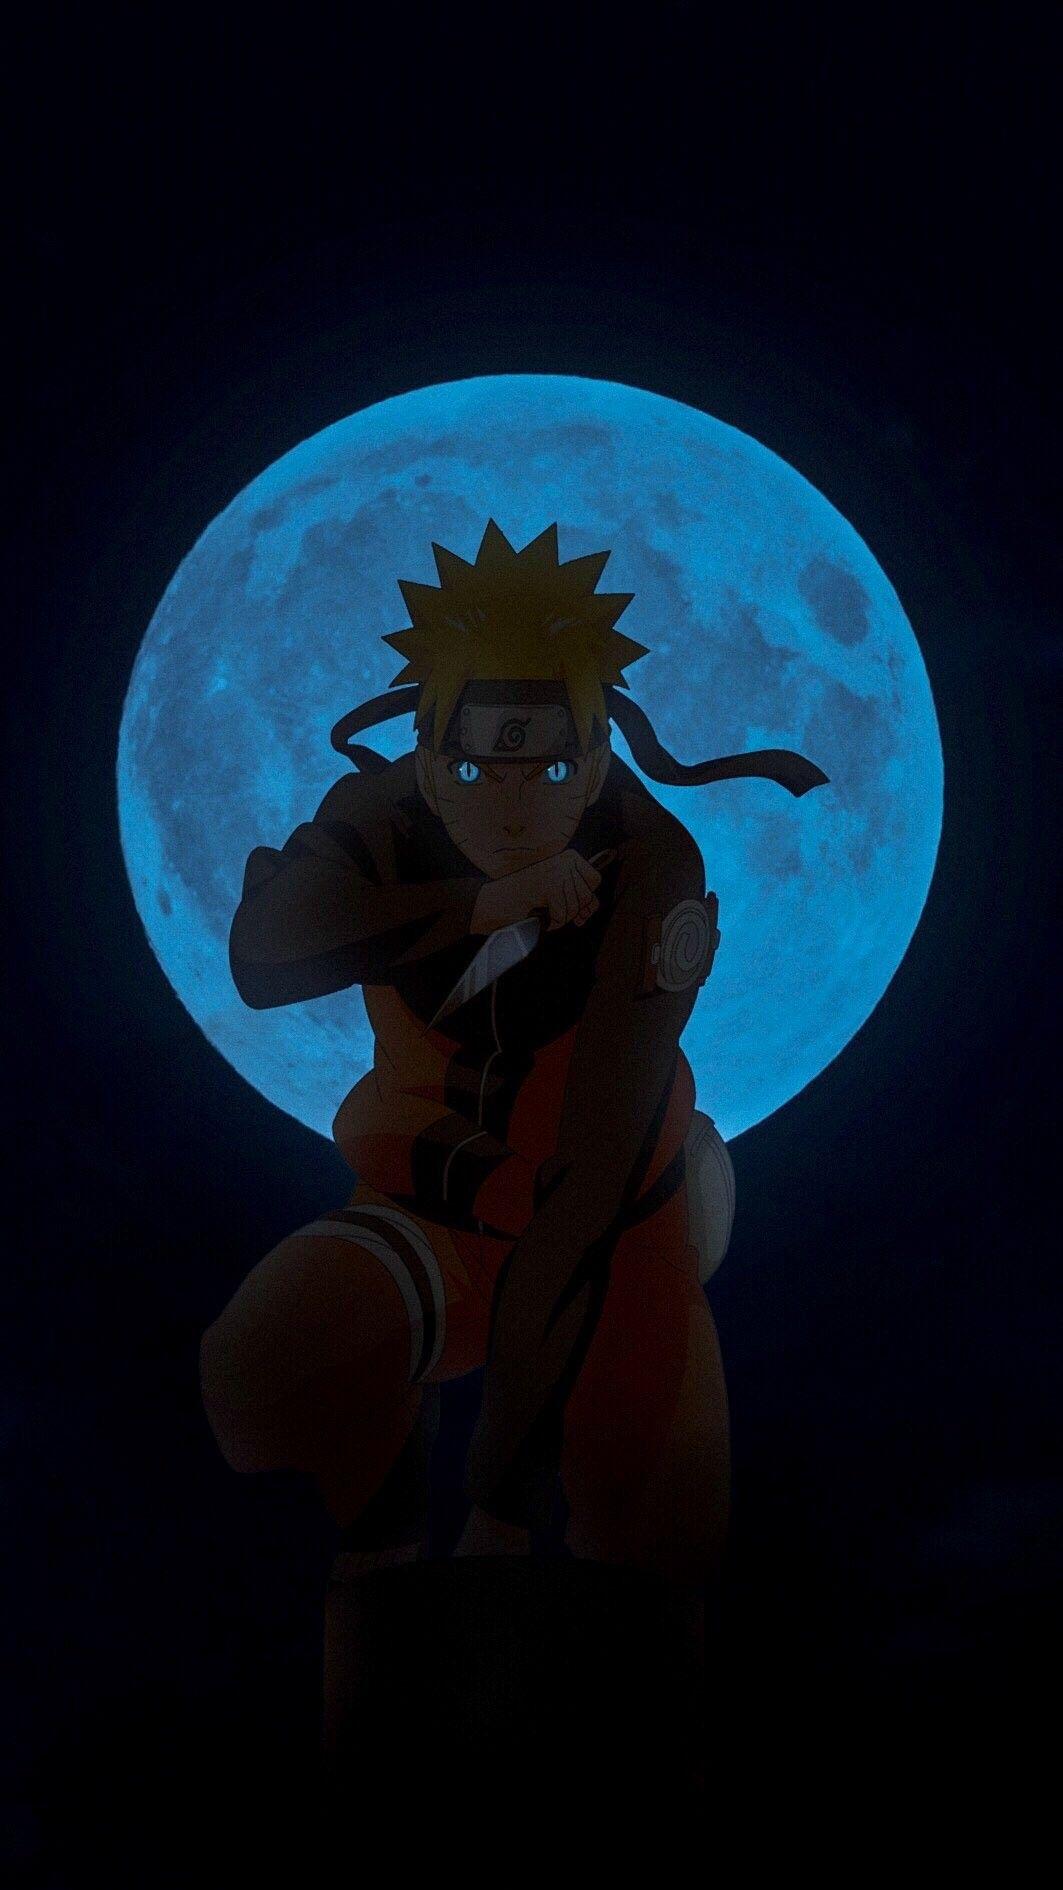 Naruto Uzumaki Naruto Shippuden With Images Wallpaper Naruto